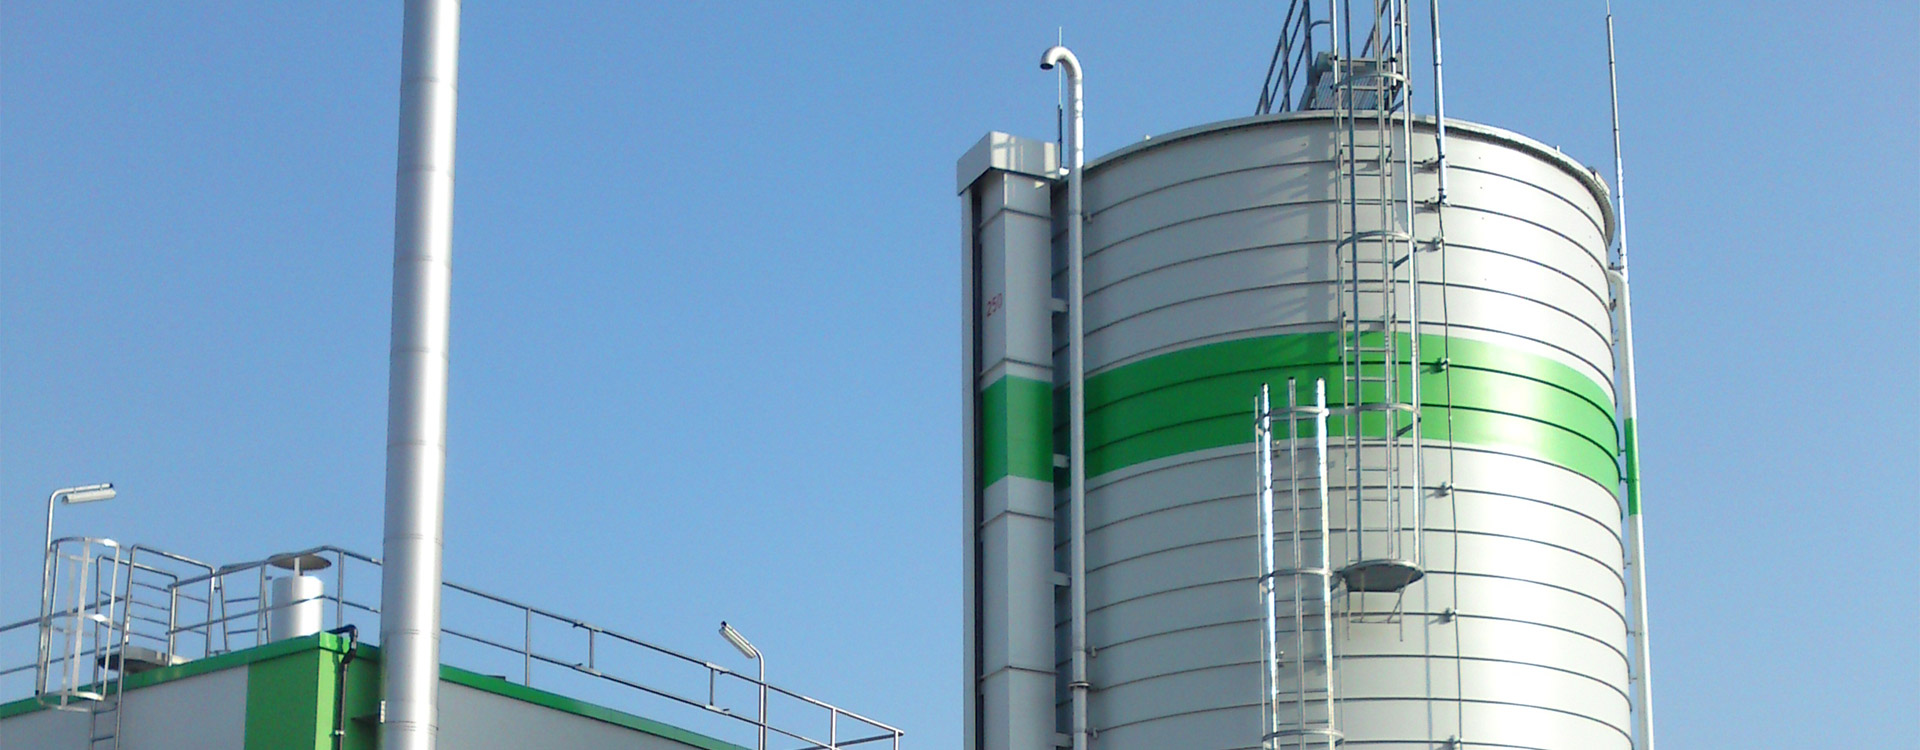 Municipal Gas Storage - Lipp System